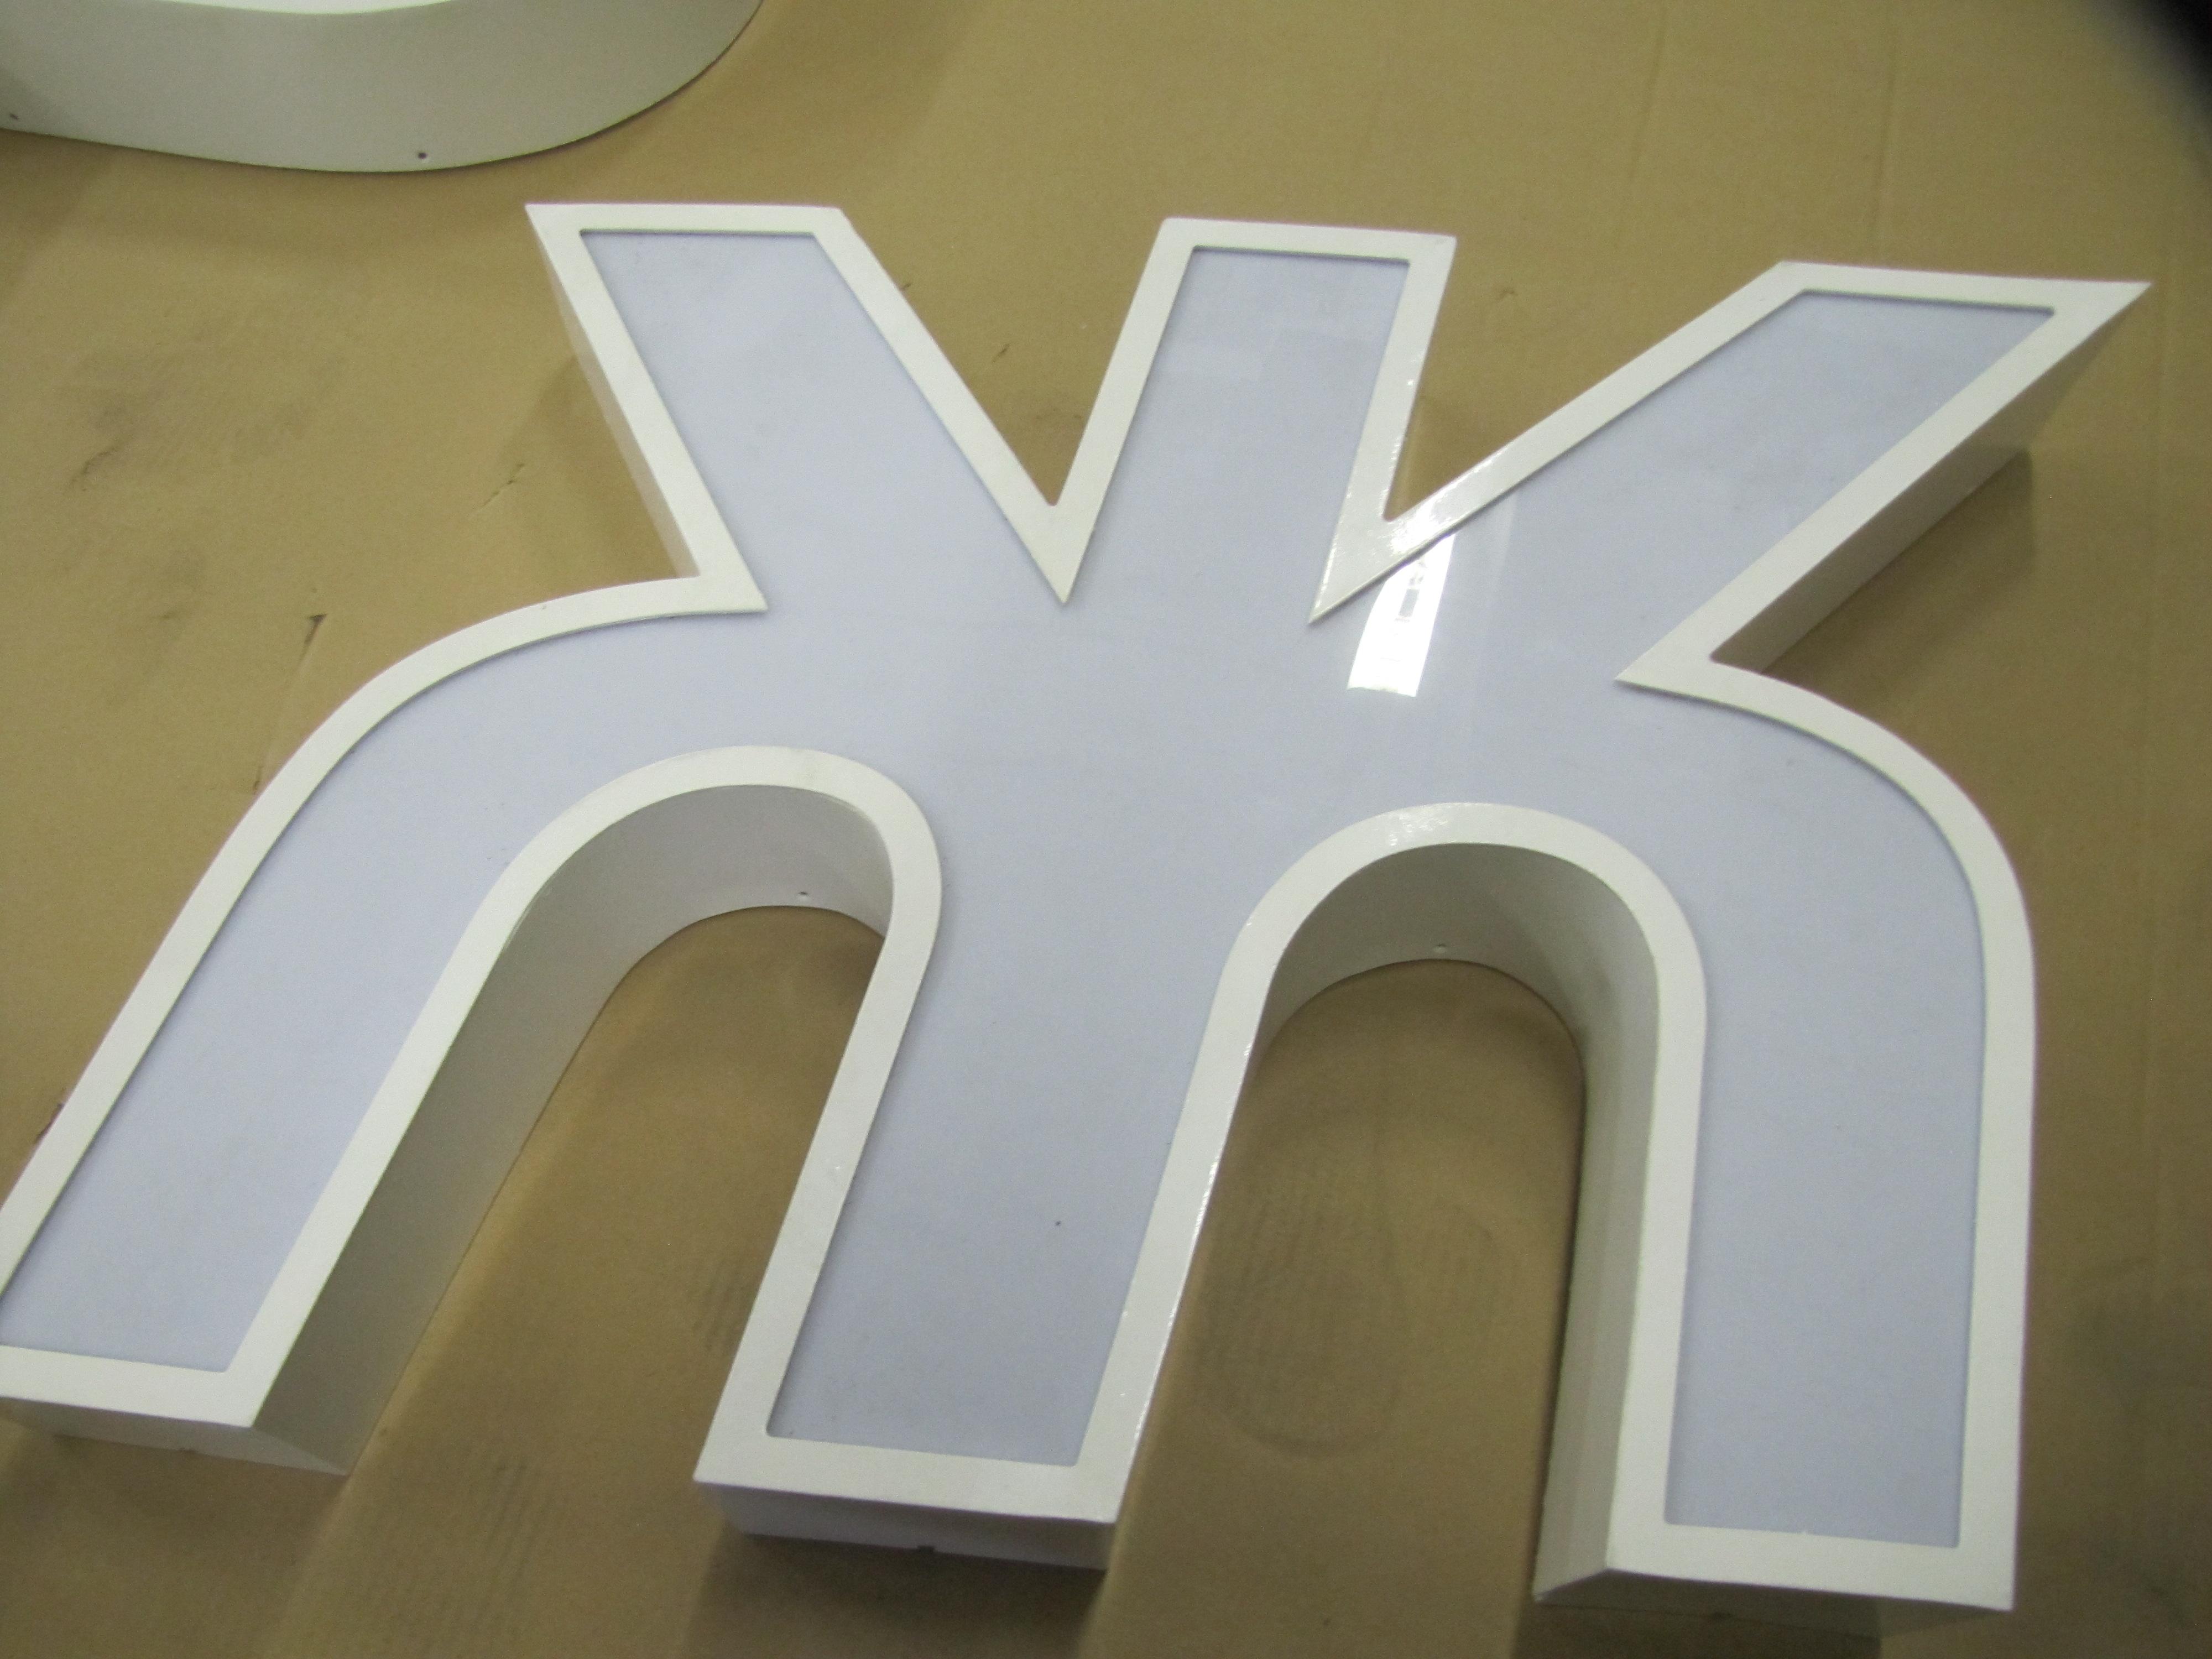 объемные буквы реклама, рекламные установки, наземные рекламные конструкции, изготовление объемных букв